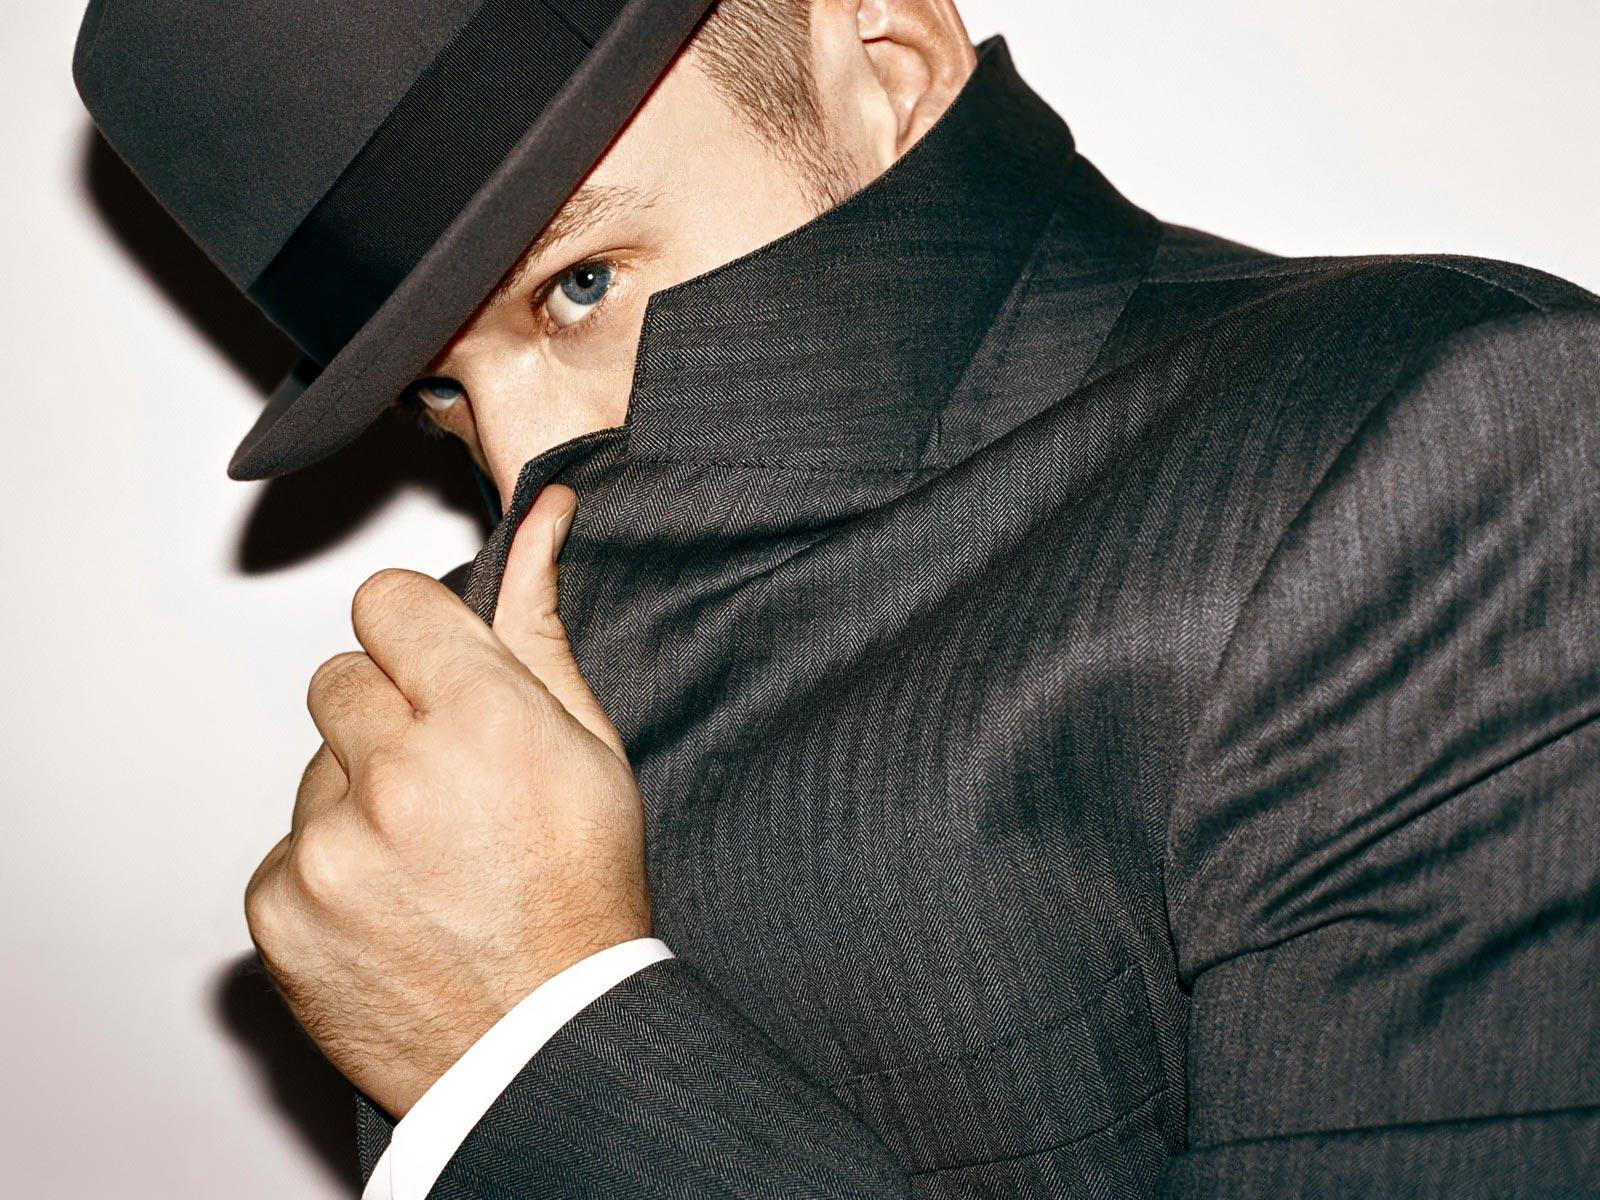 http://2.bp.blogspot.com/_fFCvr7wNhcw/TTF1B-FJ9nI/AAAAAAAAA_0/aMVmhuja9xo/s1600/Justin_Timberlake_-_Music.jpg